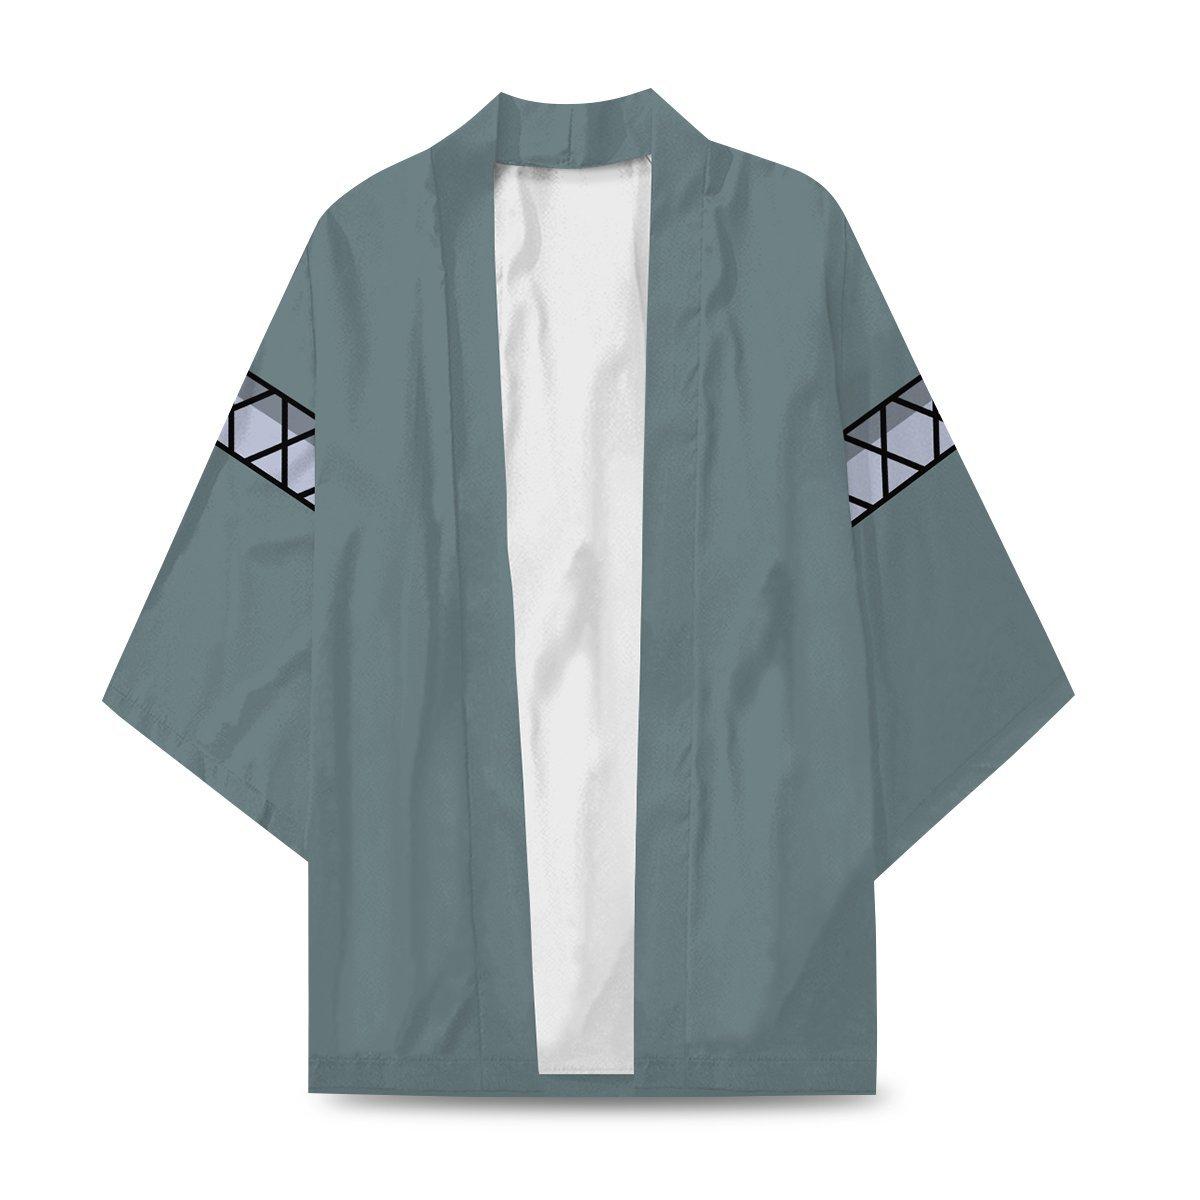 toman mikey kimono 506020 - Otaku Treat